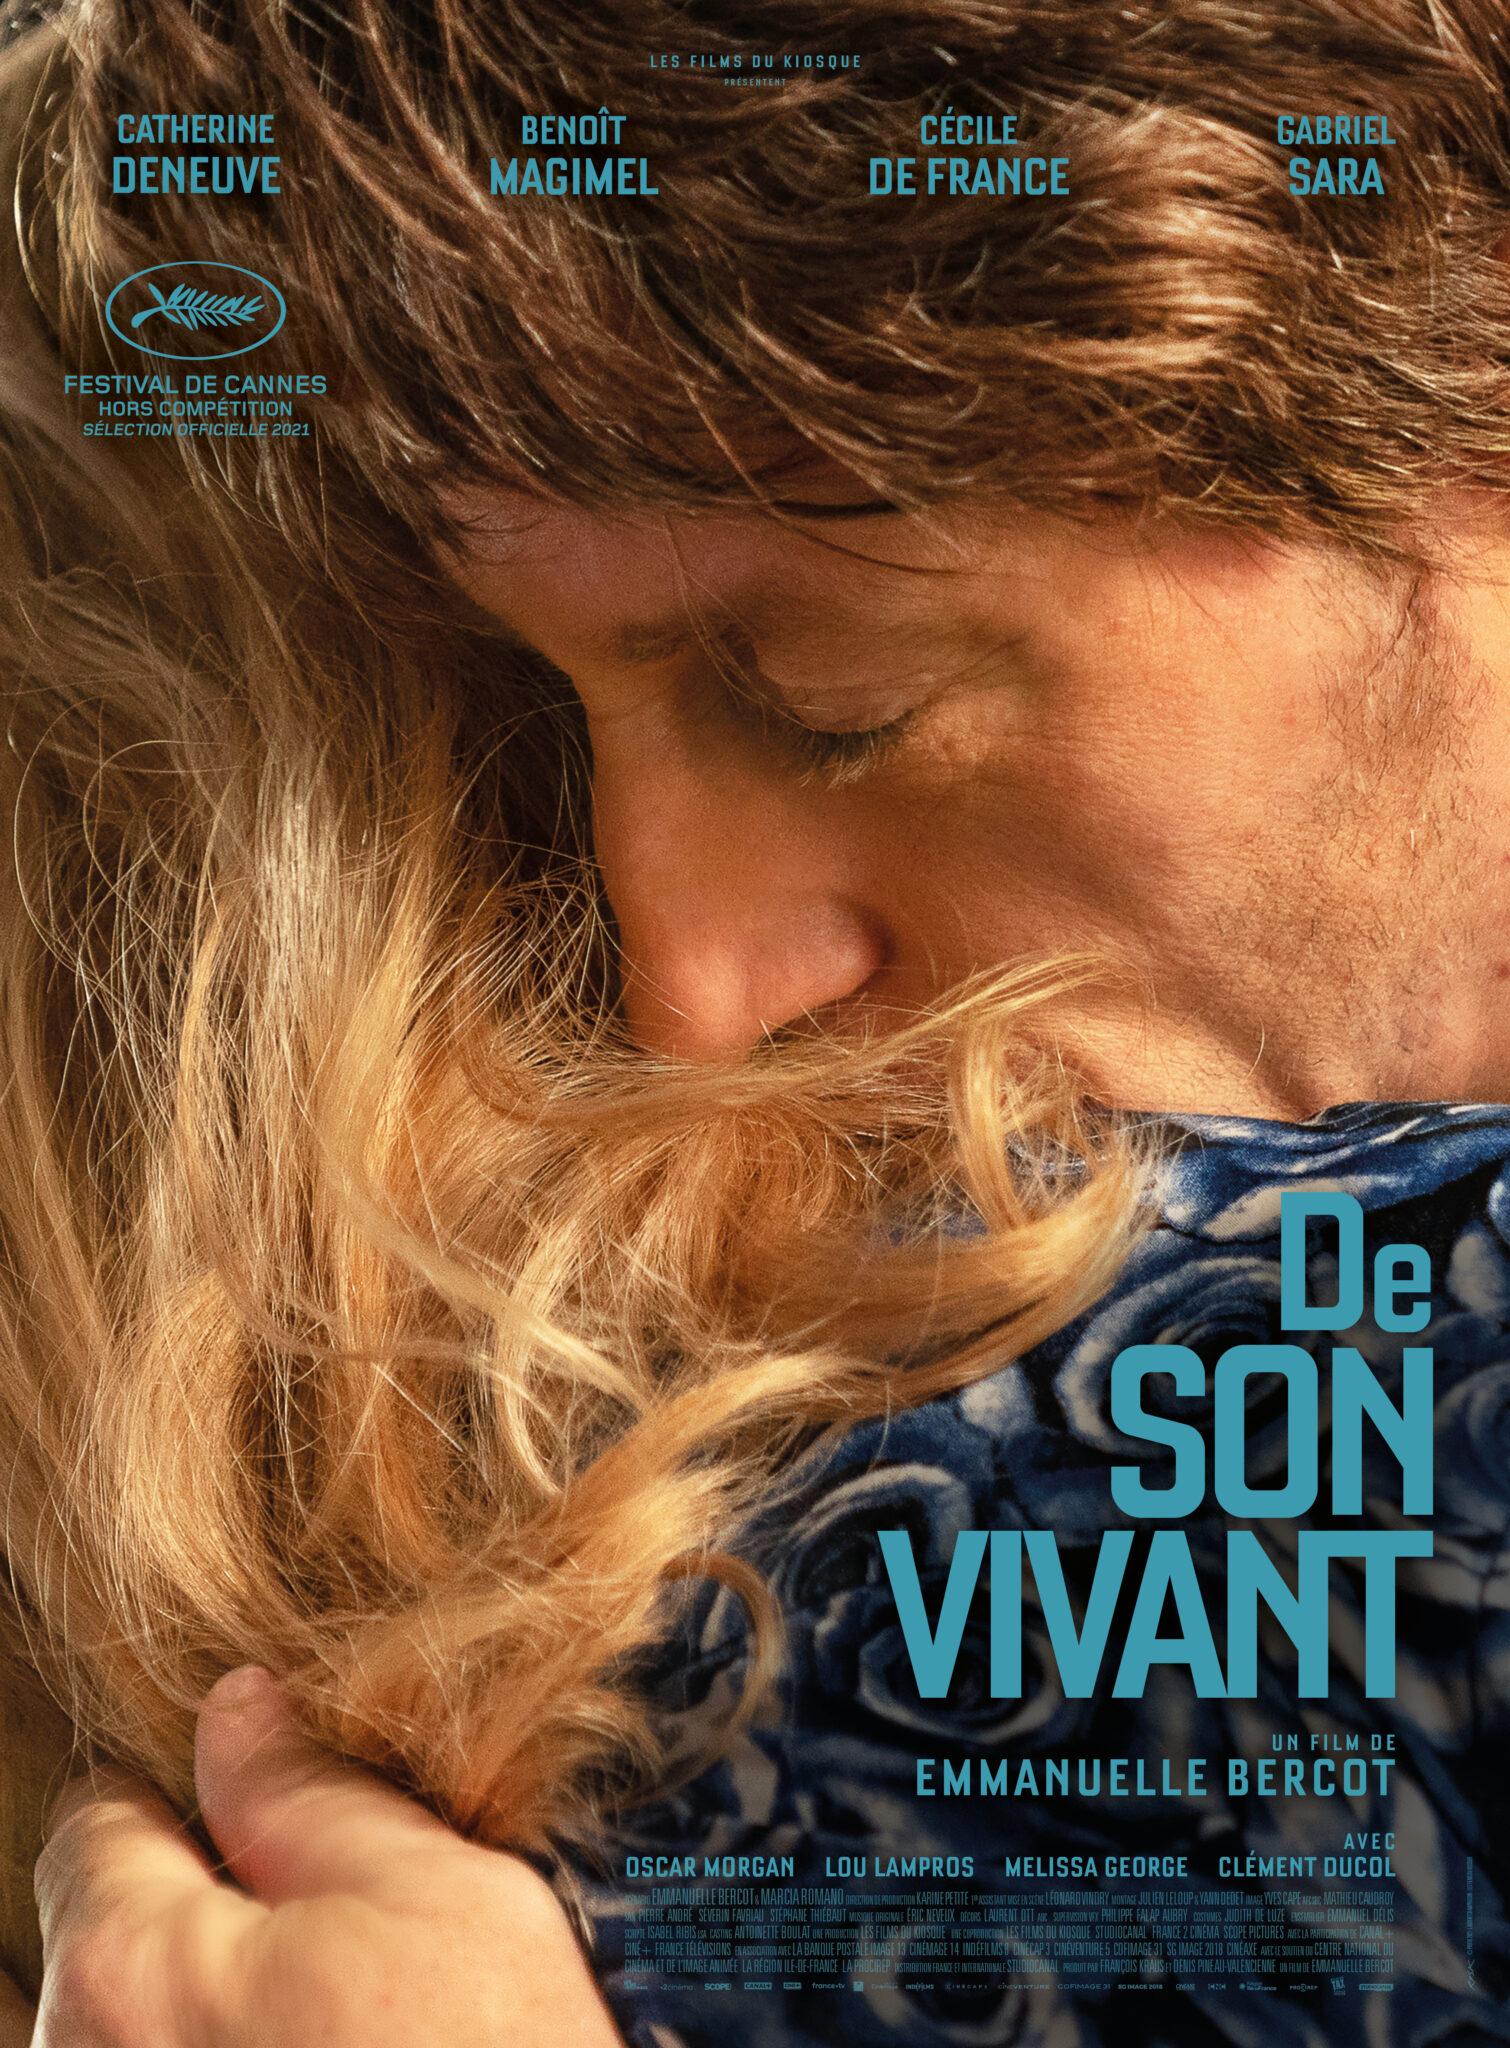 """Critique Cannes 2021 / """"De son vivant"""" : Bercot provoque un torrent d'émotions au Festival 1 image"""